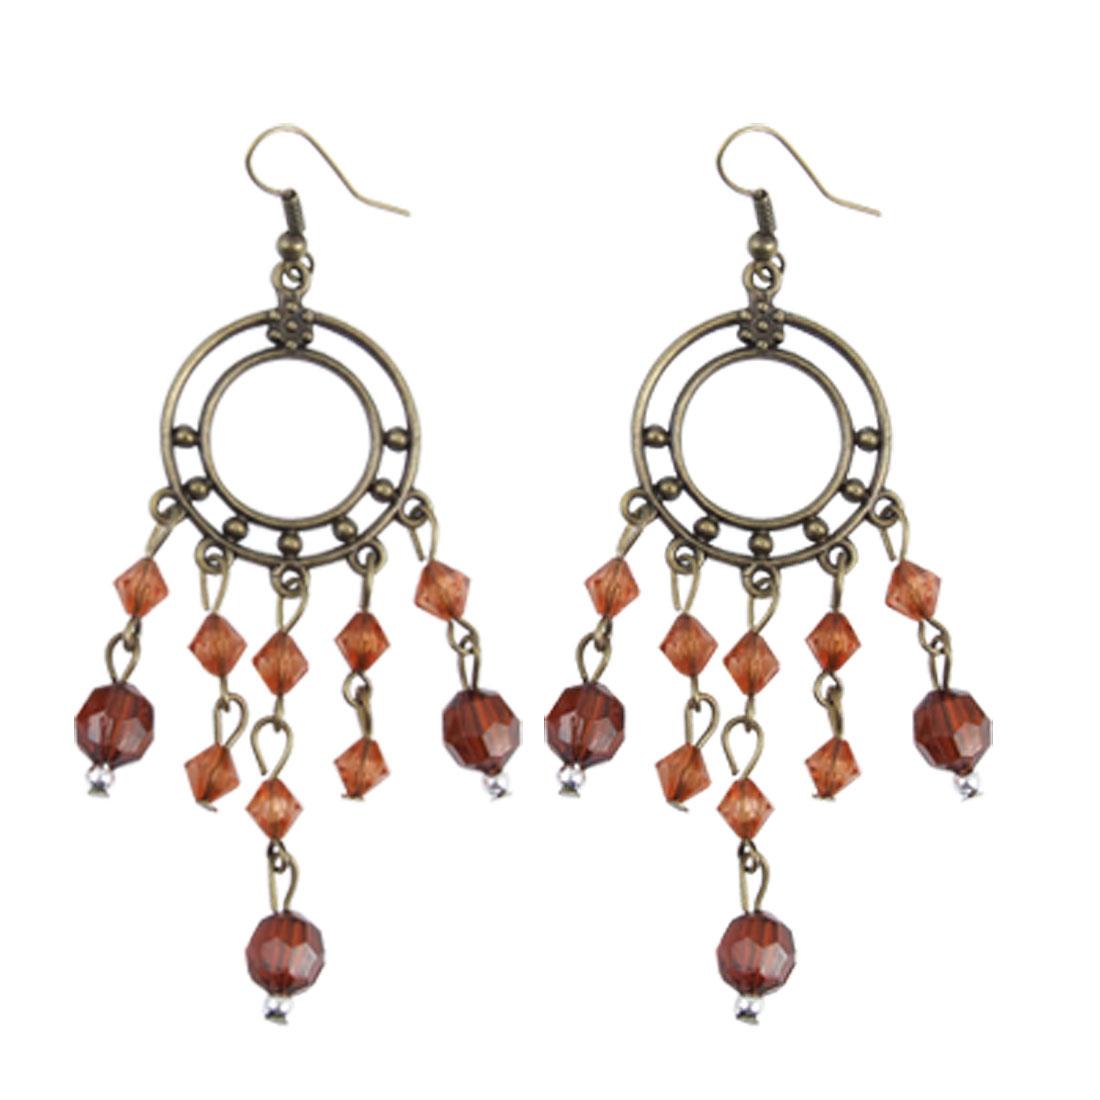 Elegant Retro-styled Plastic Beads Pendant Hook Dangling Earrings